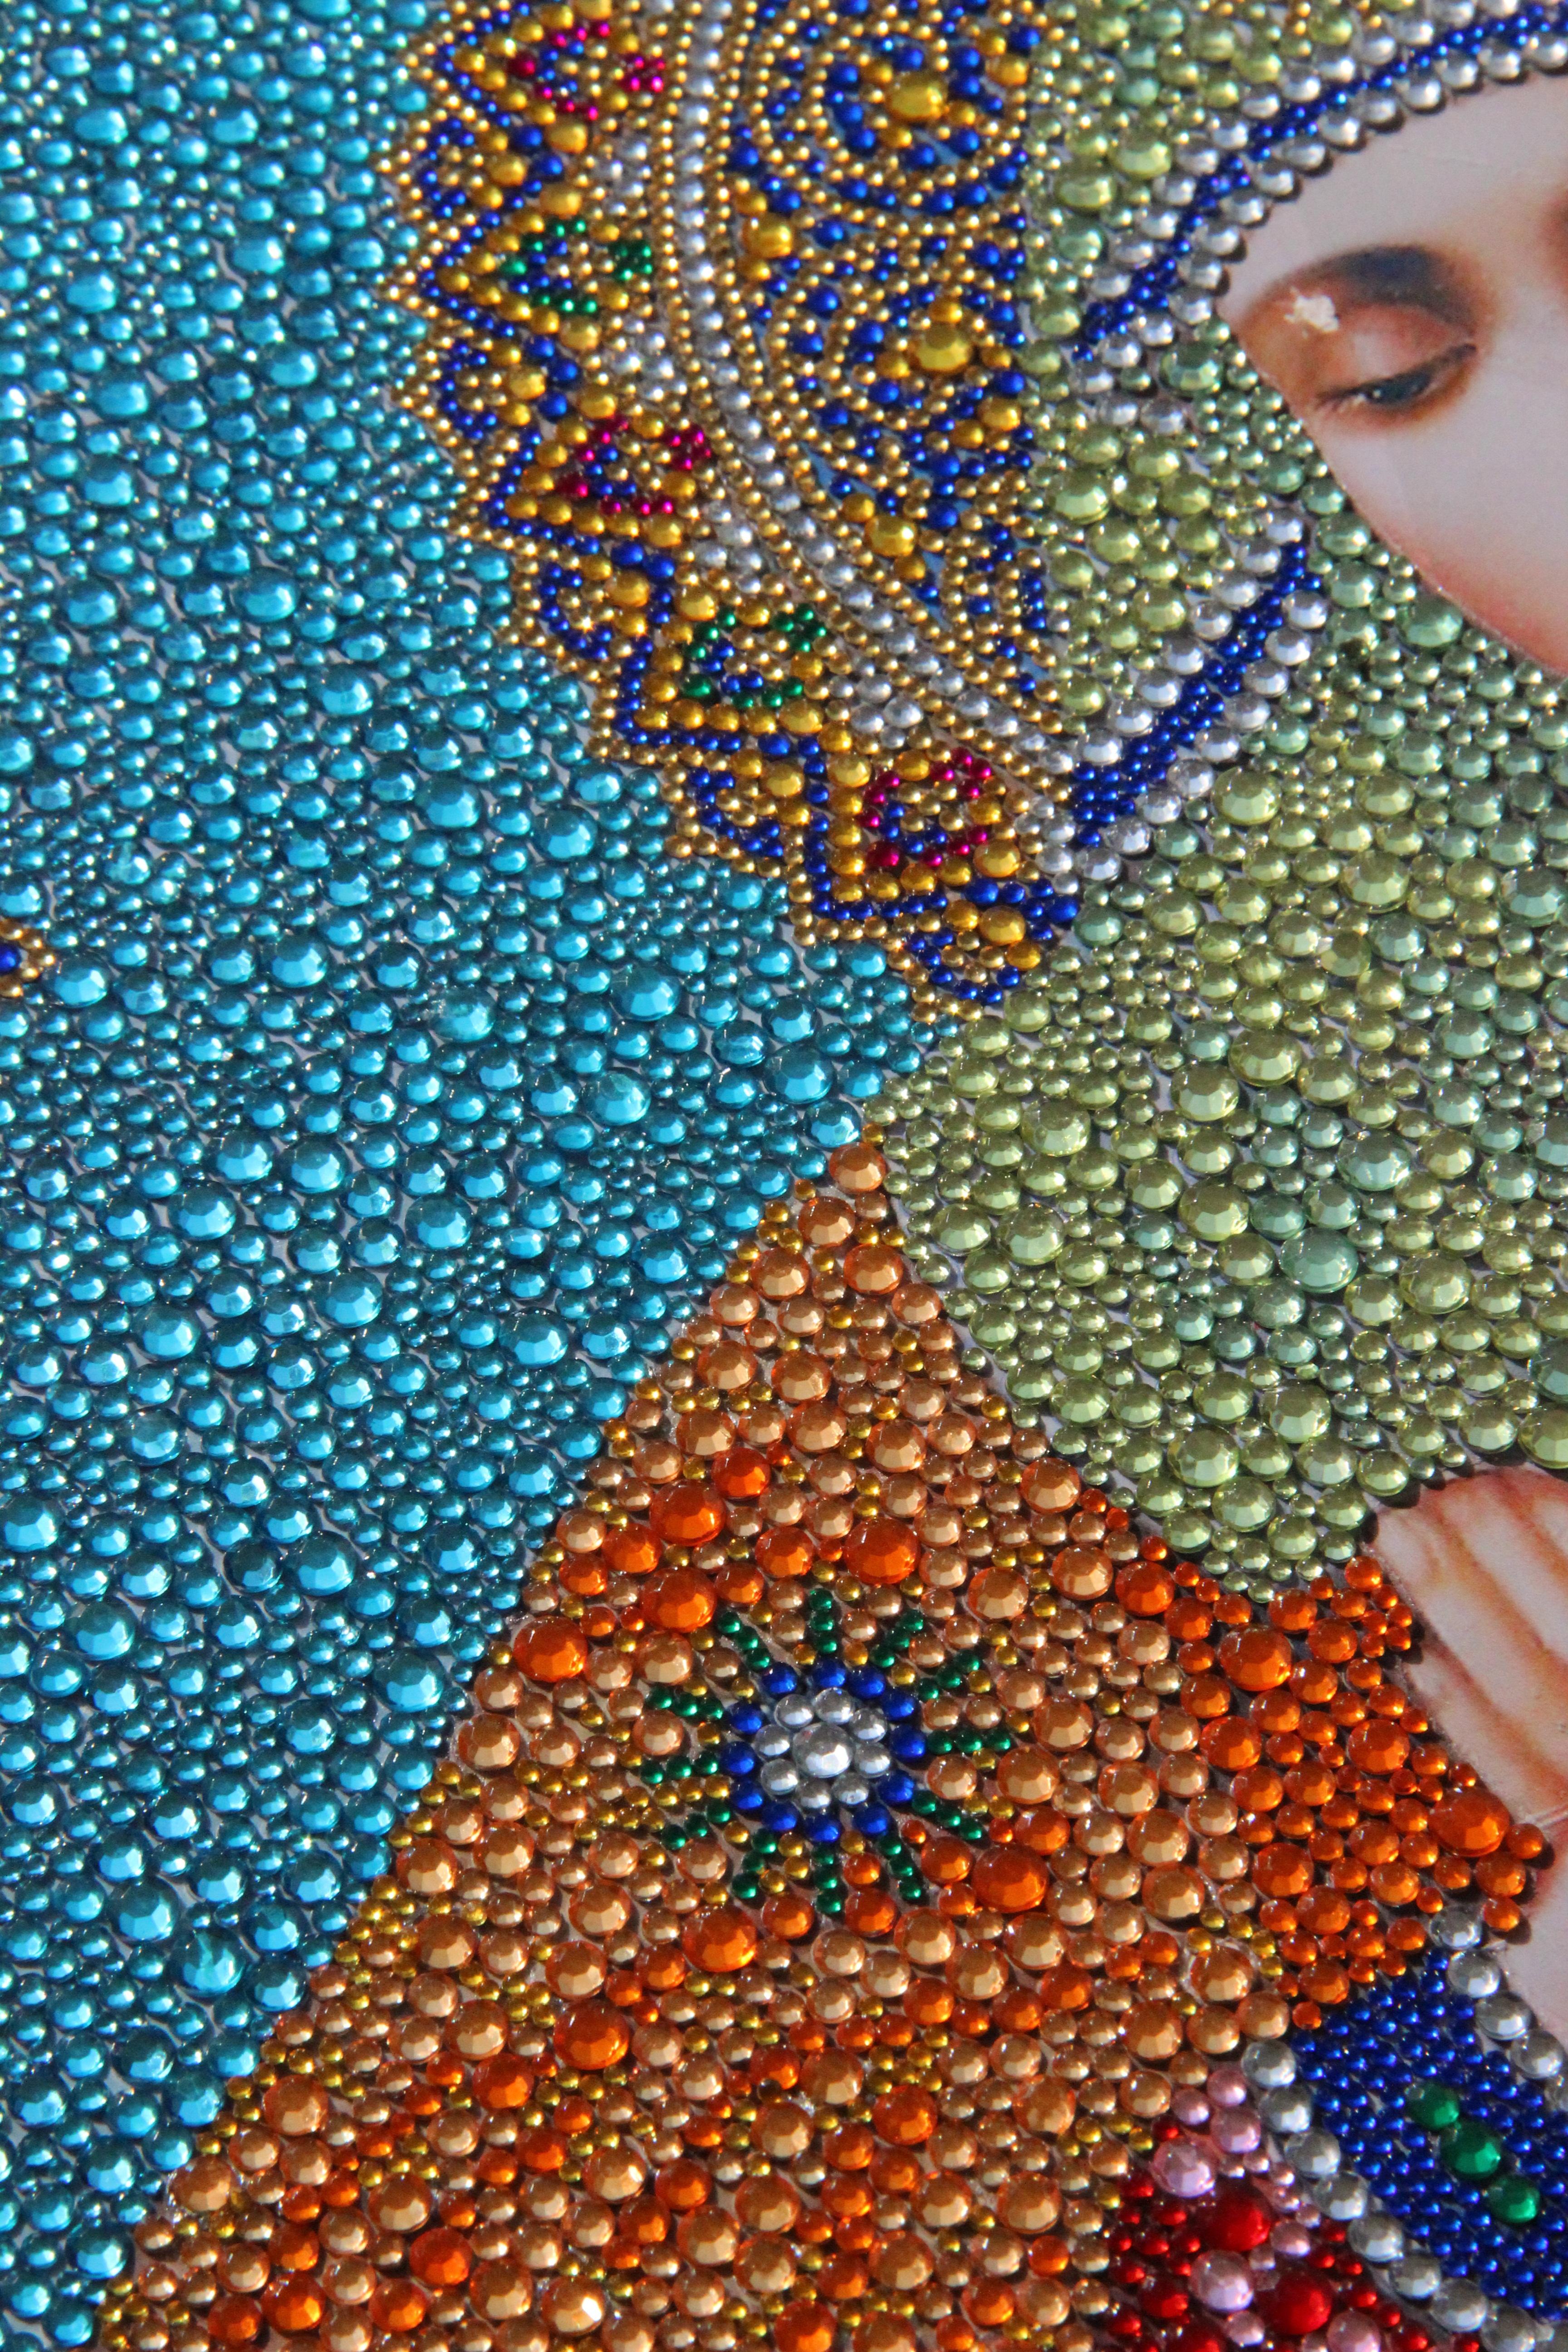 Эксклюзивная алмазная мозаика - изготовленная по Вашему эскизу (фото)